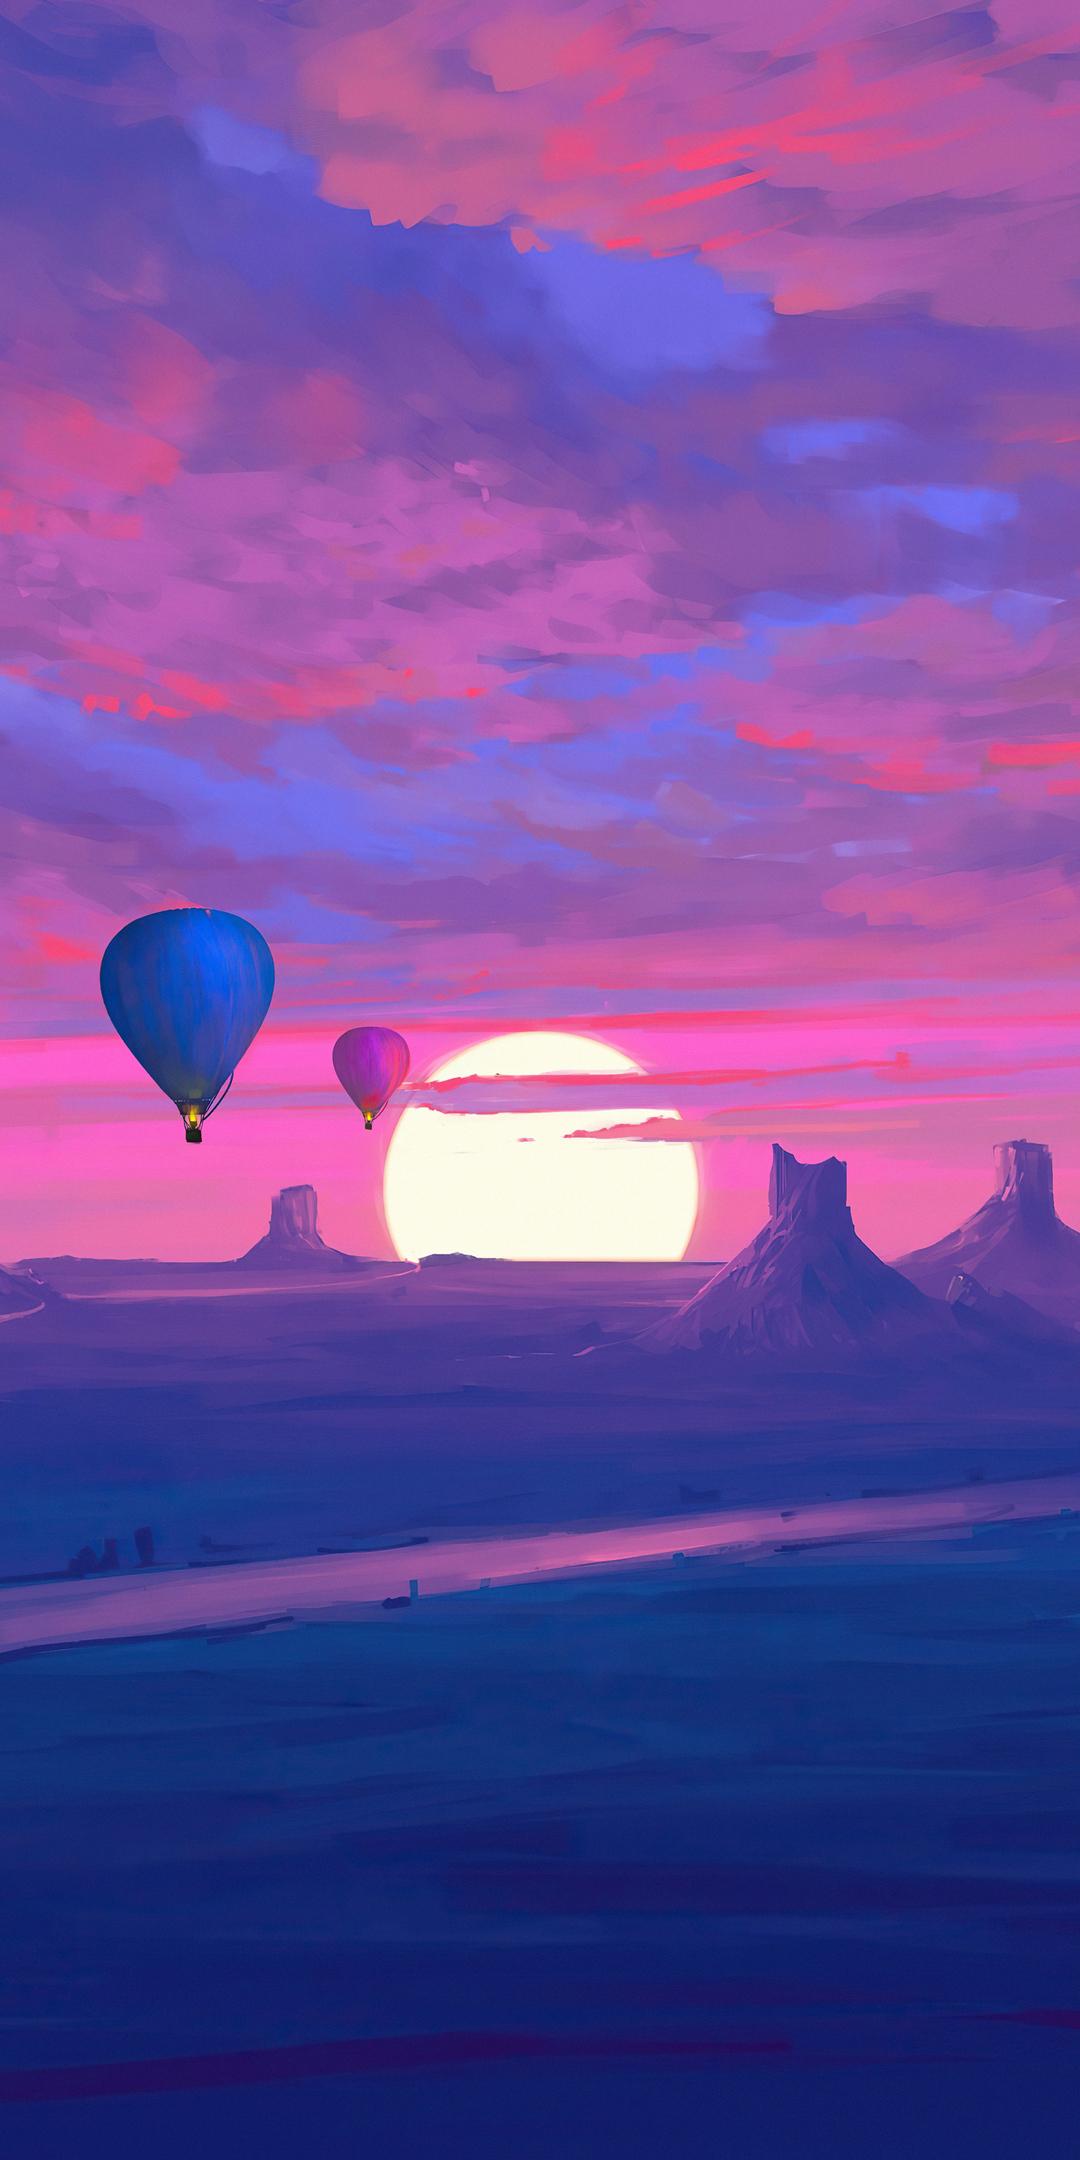 air-balloons-minimal-morning-4k-pp.jpg